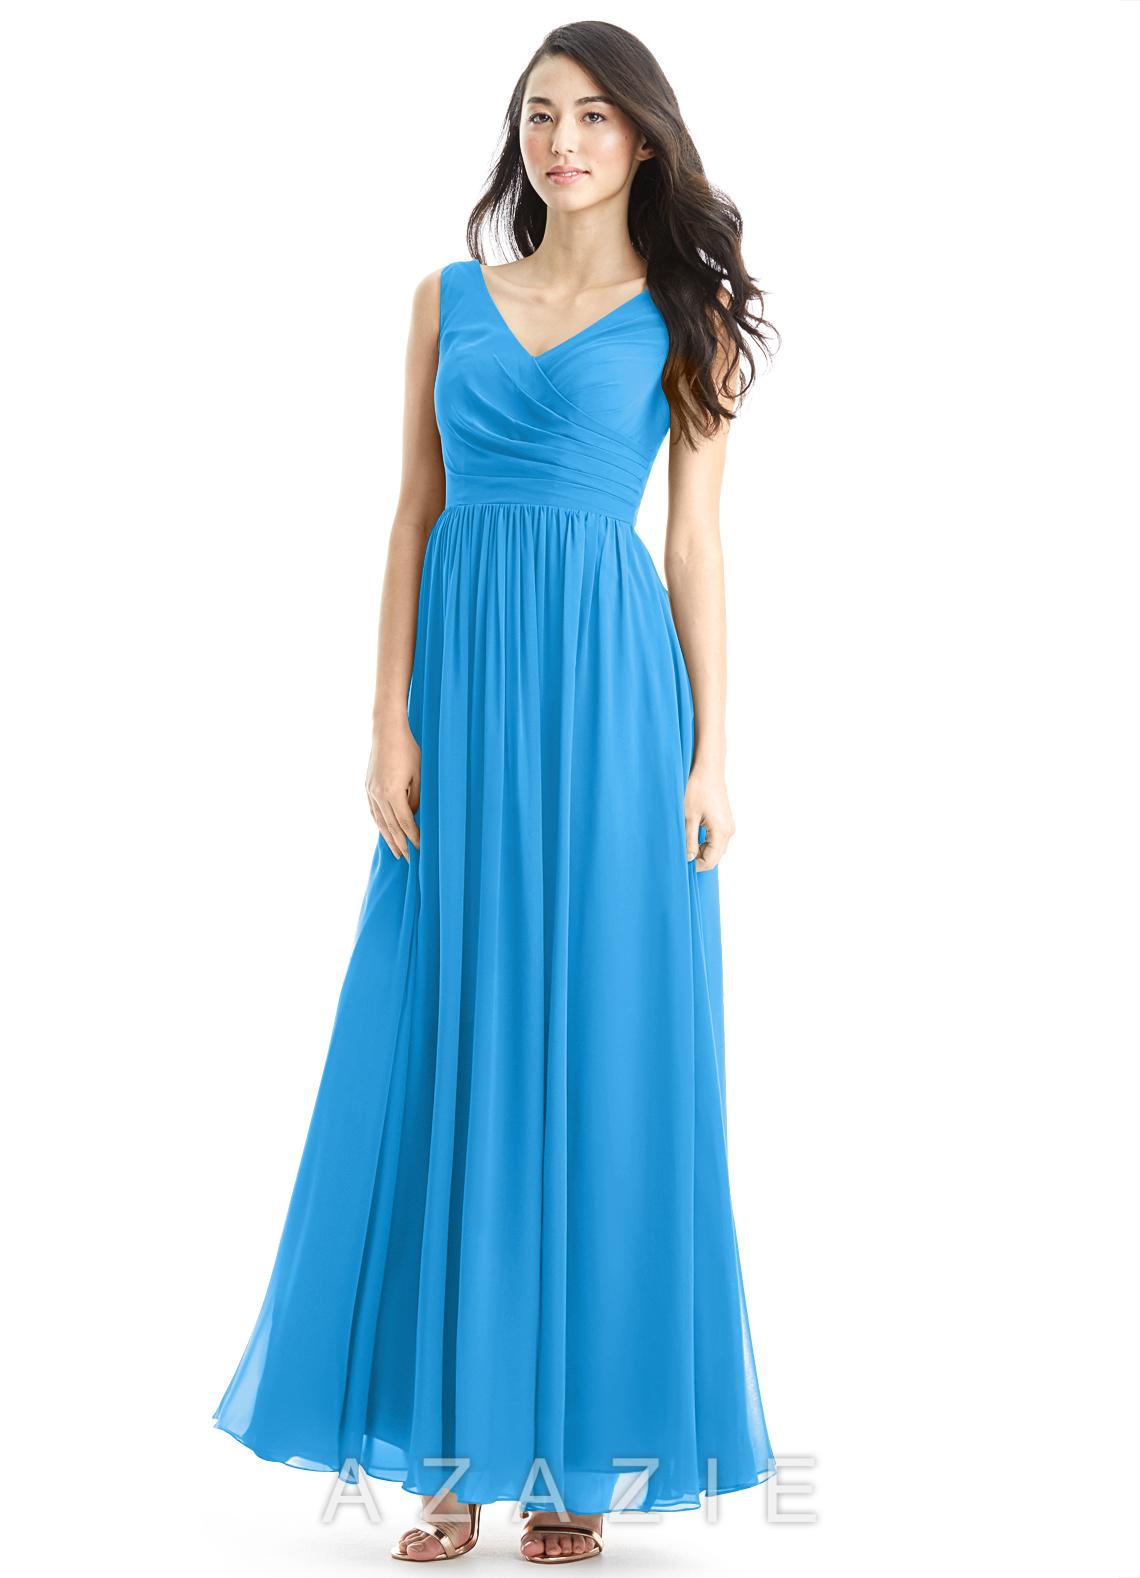 Azazie keyla bridesmaid dress azazie loading zoom ombrellifo Gallery